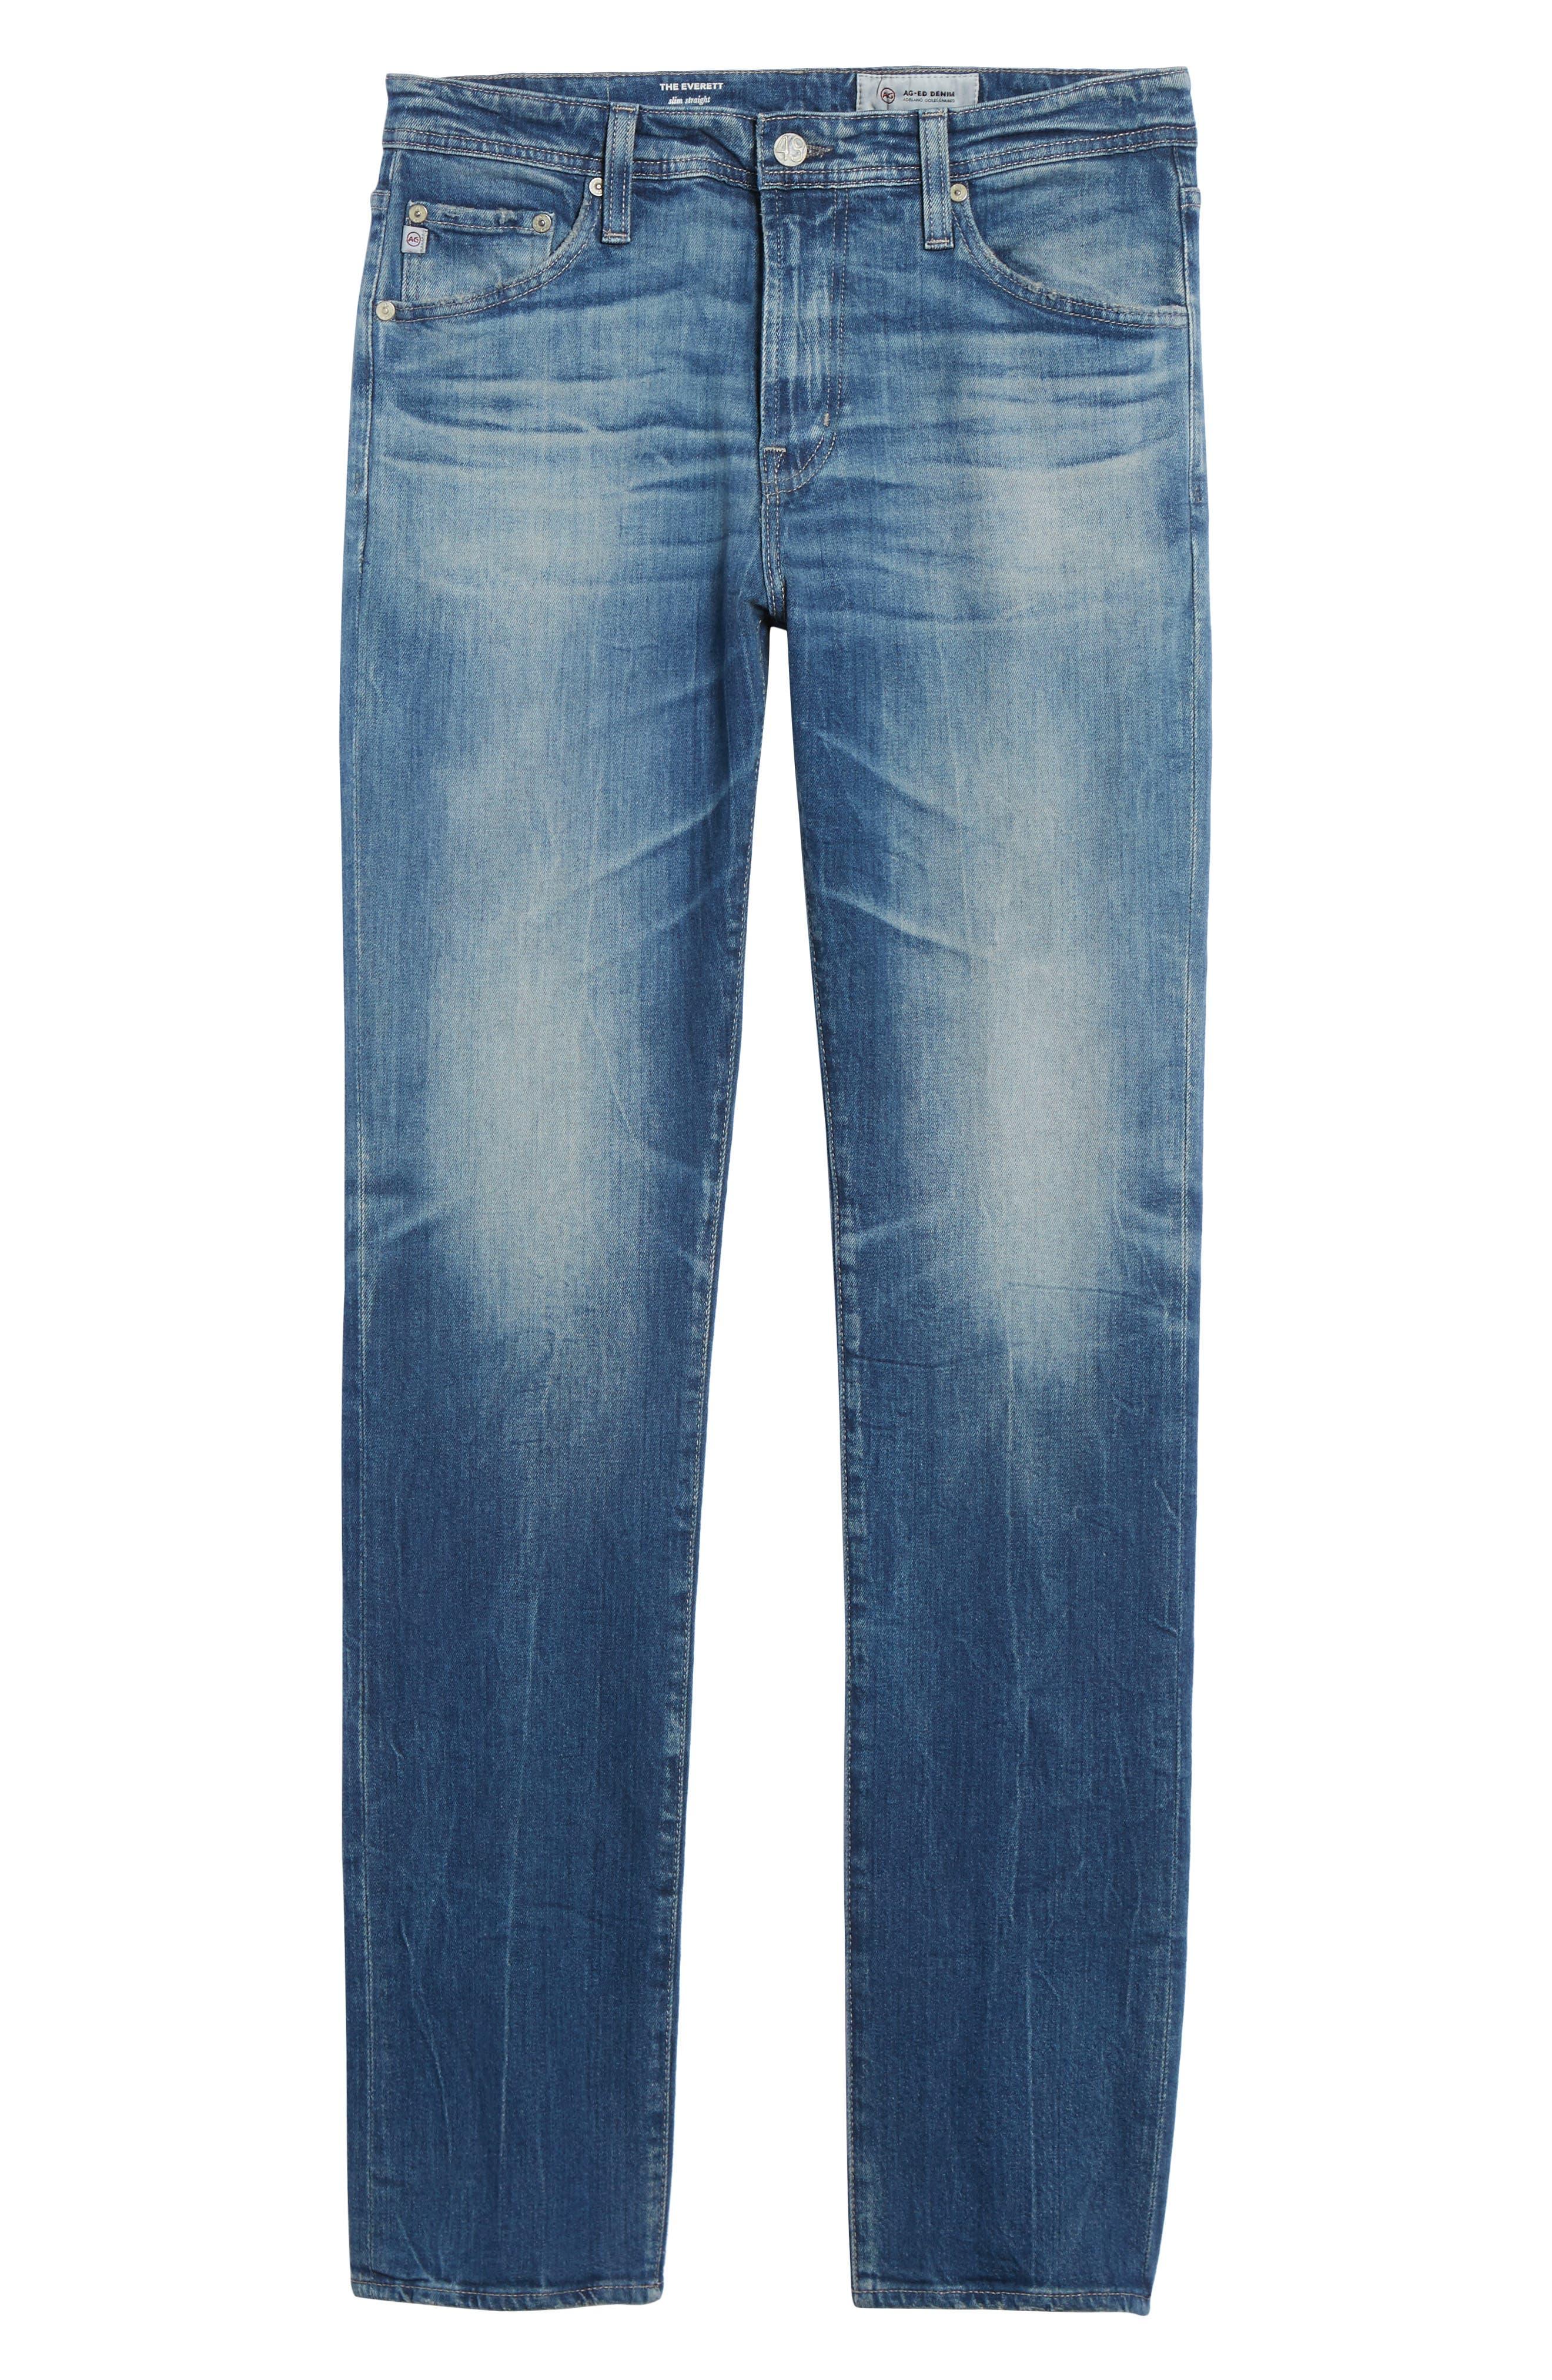 Everett Slim Straight Leg Jeans,                             Alternate thumbnail 6, color,                             429